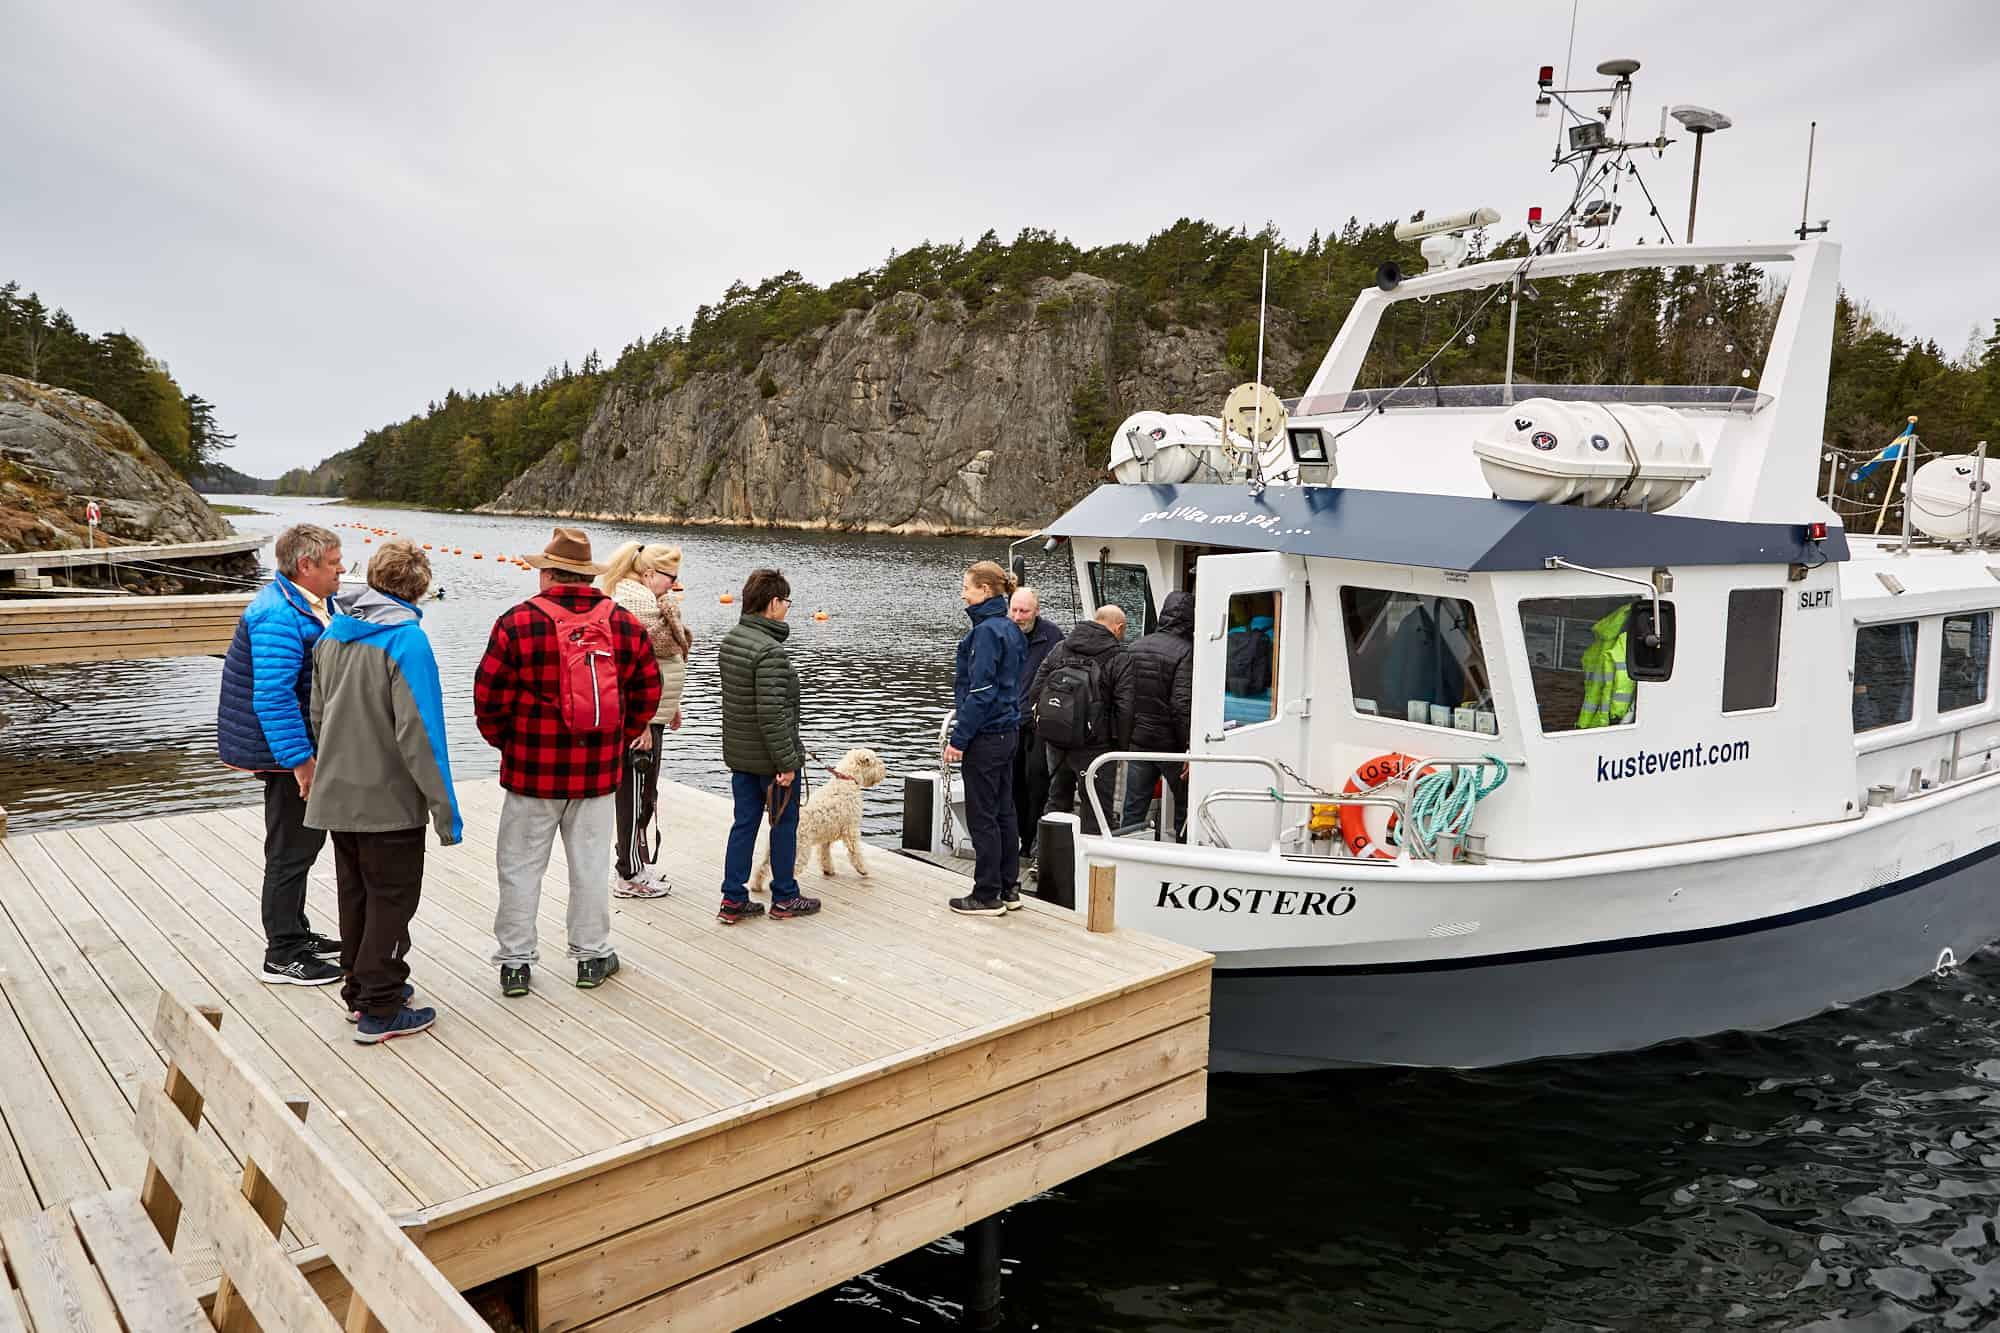 Personer väntar på att gå ombord på båten som ska ta dem ut i Kosterhavet på västkusten nära Strömstad.